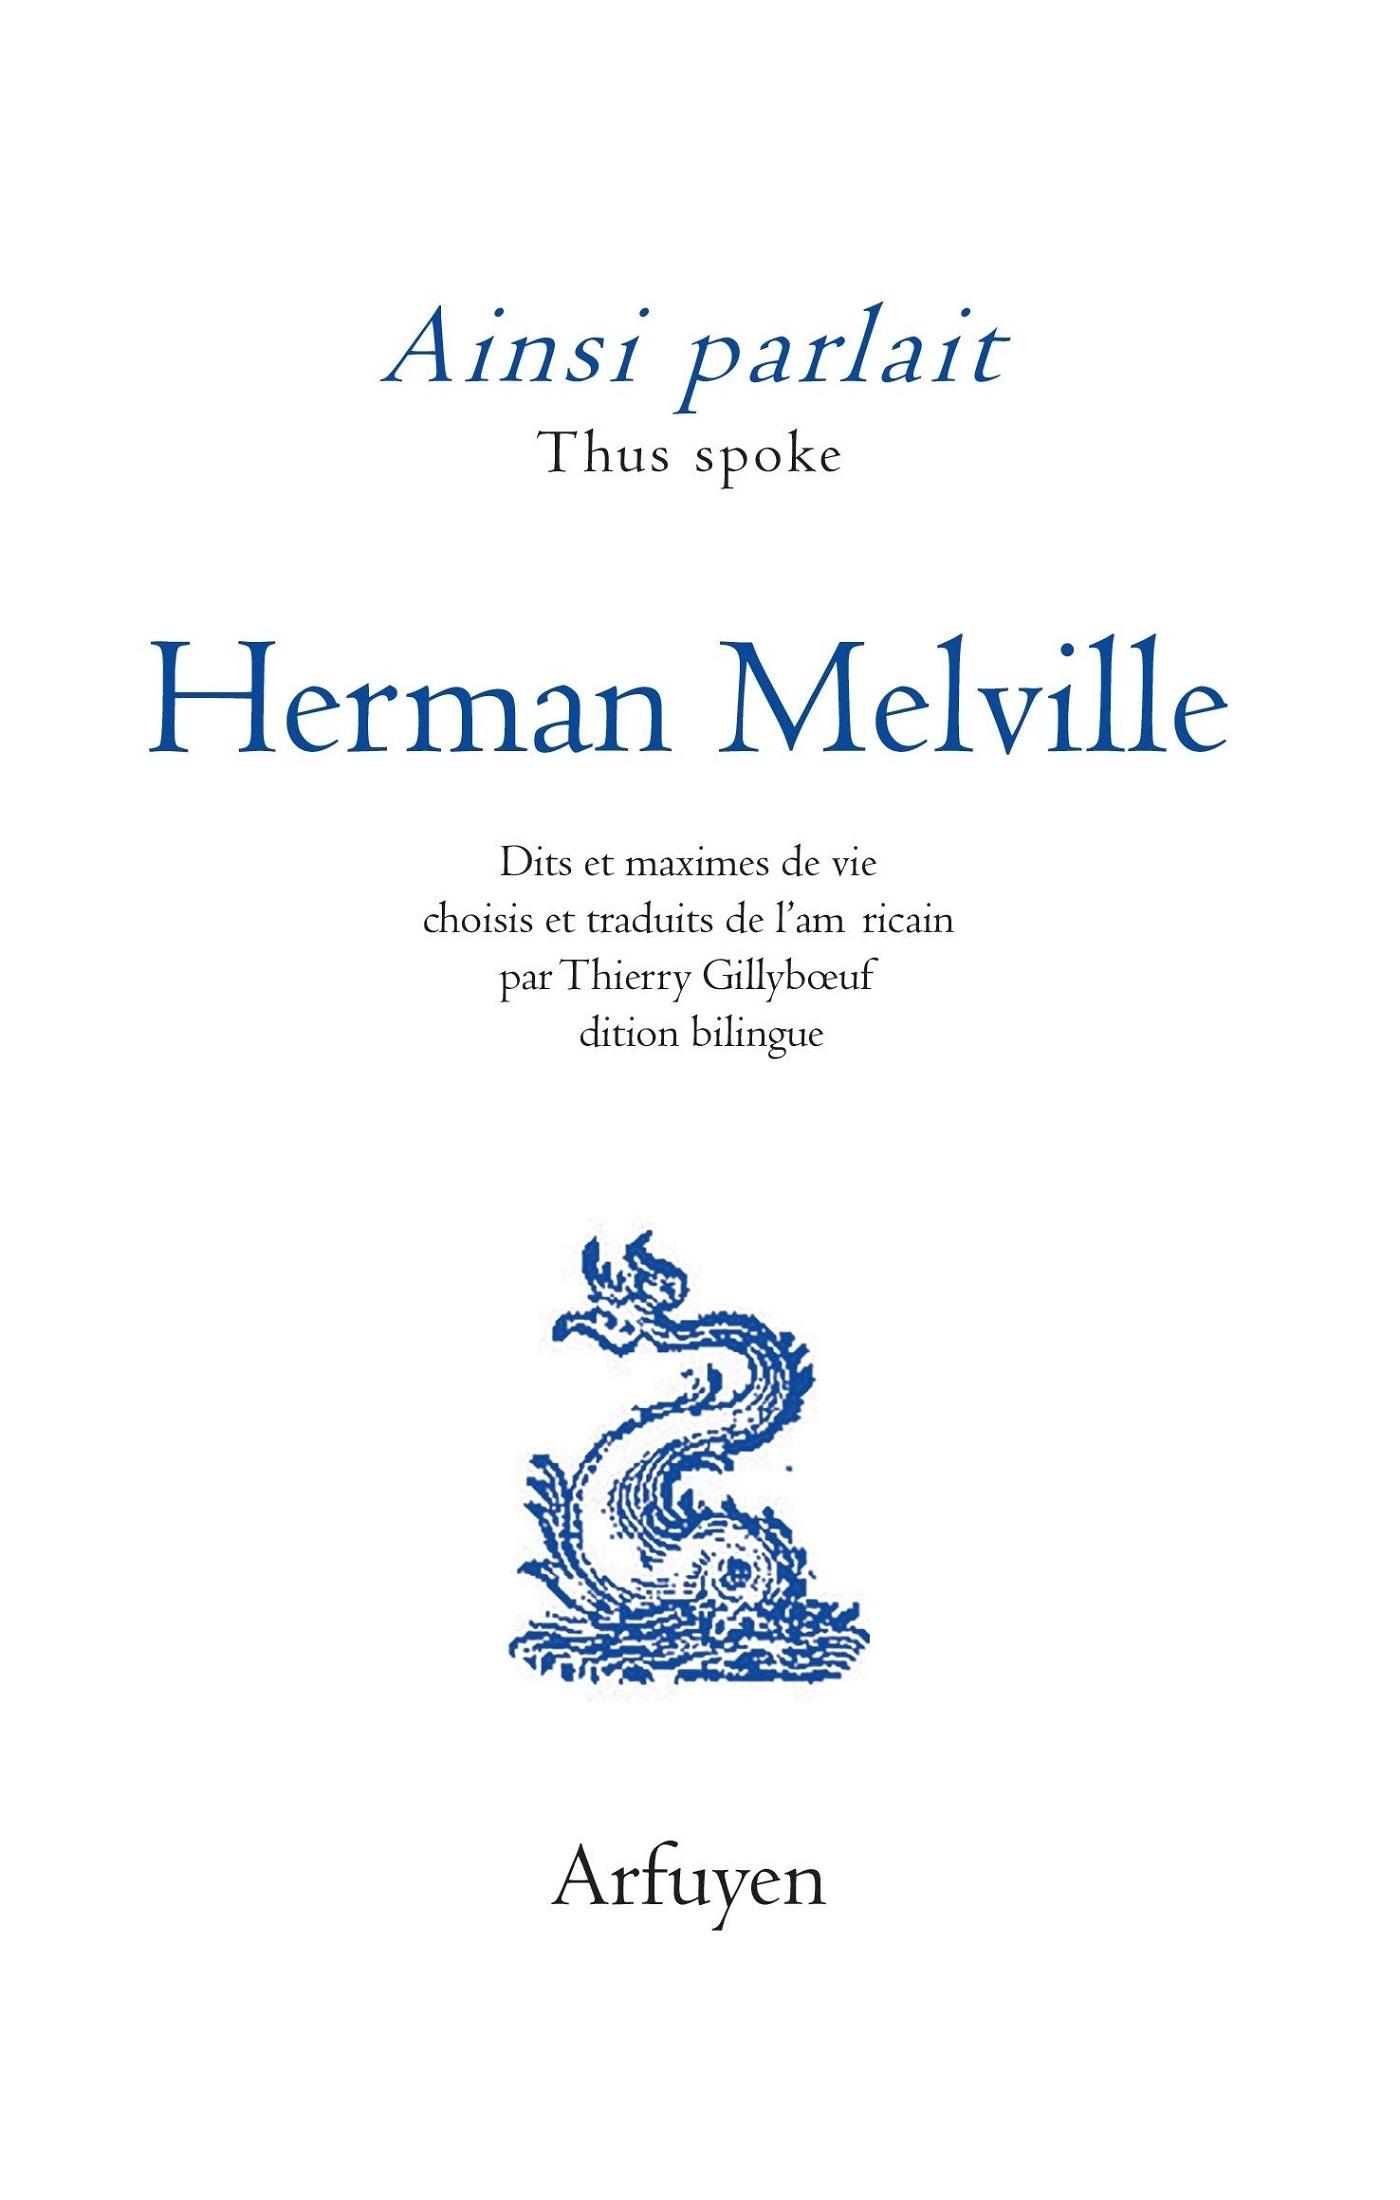 AINSI PARLAIT HERMAN MELVILLE - DITS ET MAXIMES DE VIE